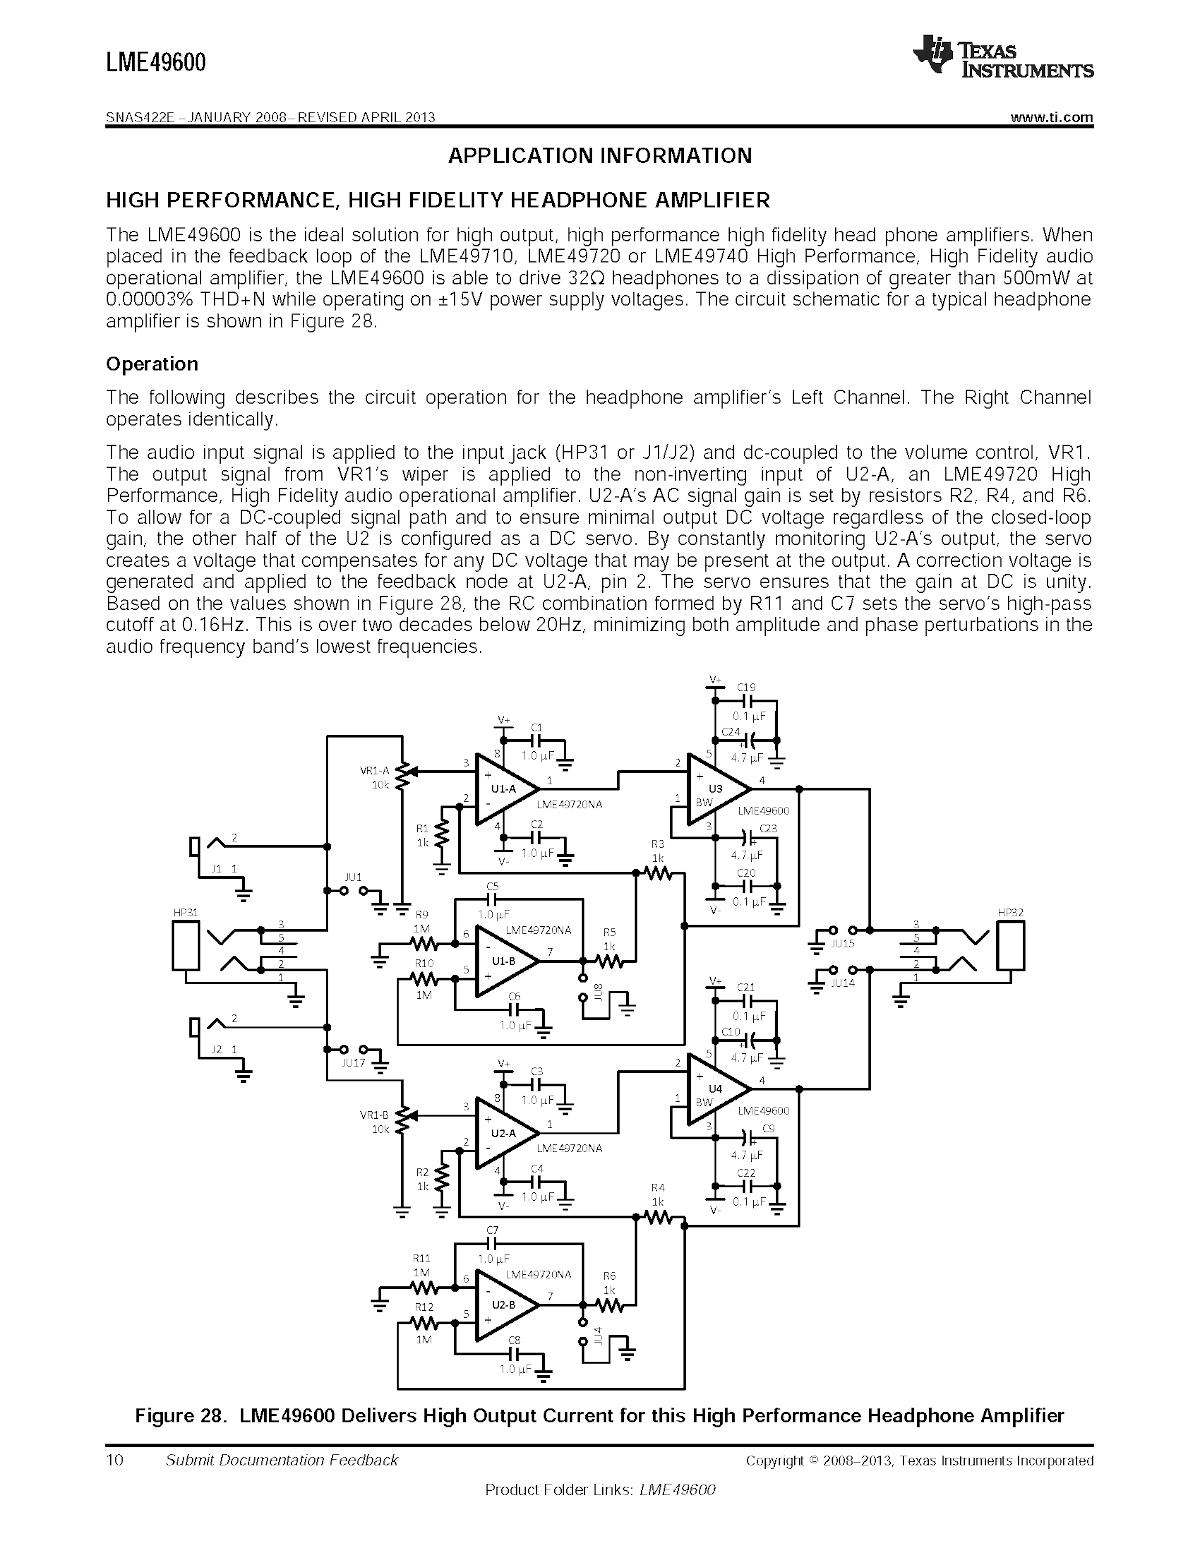 LME49600-10